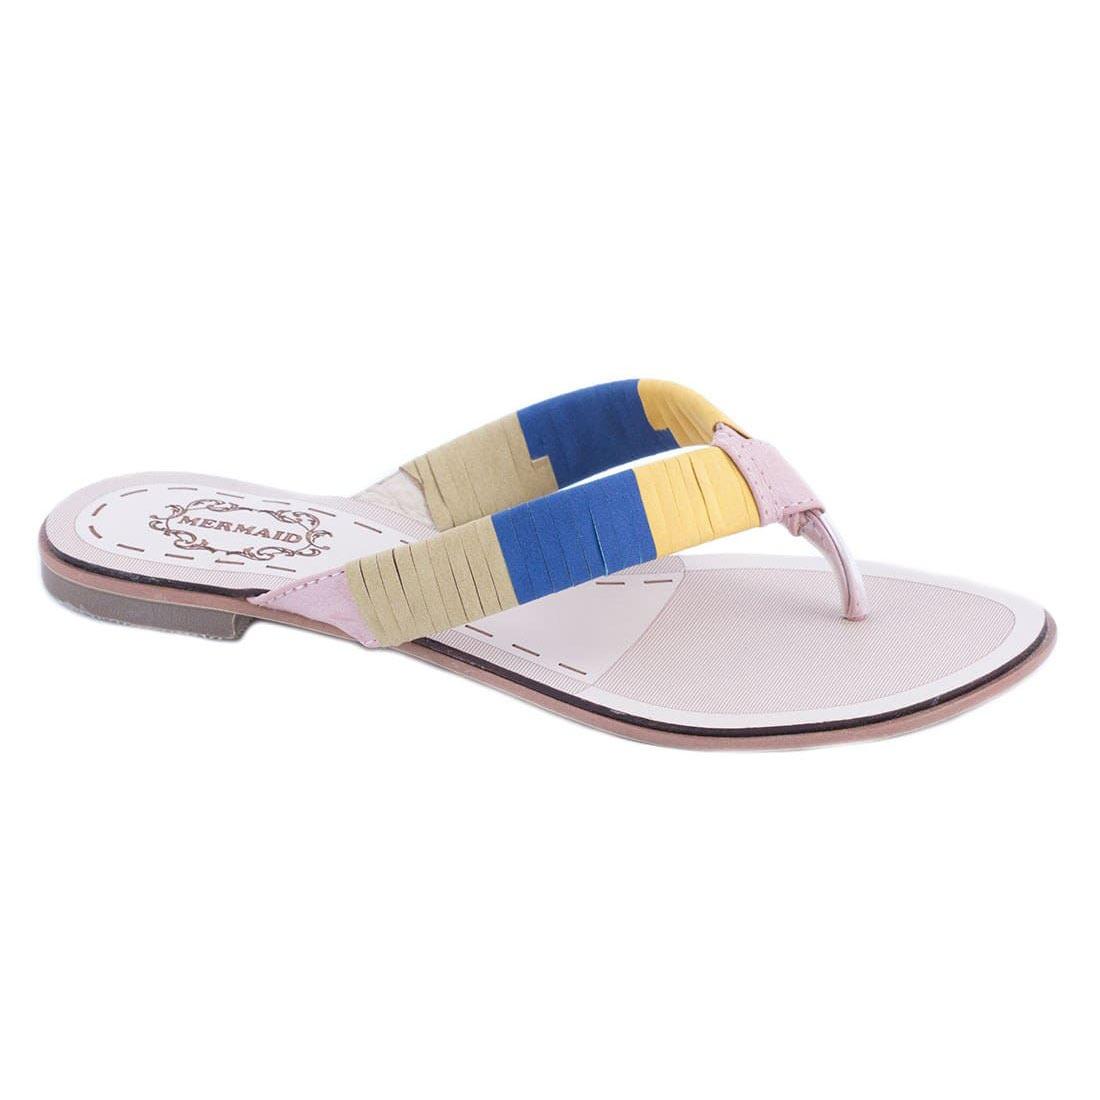 Papuci dama roz 12-M31158R